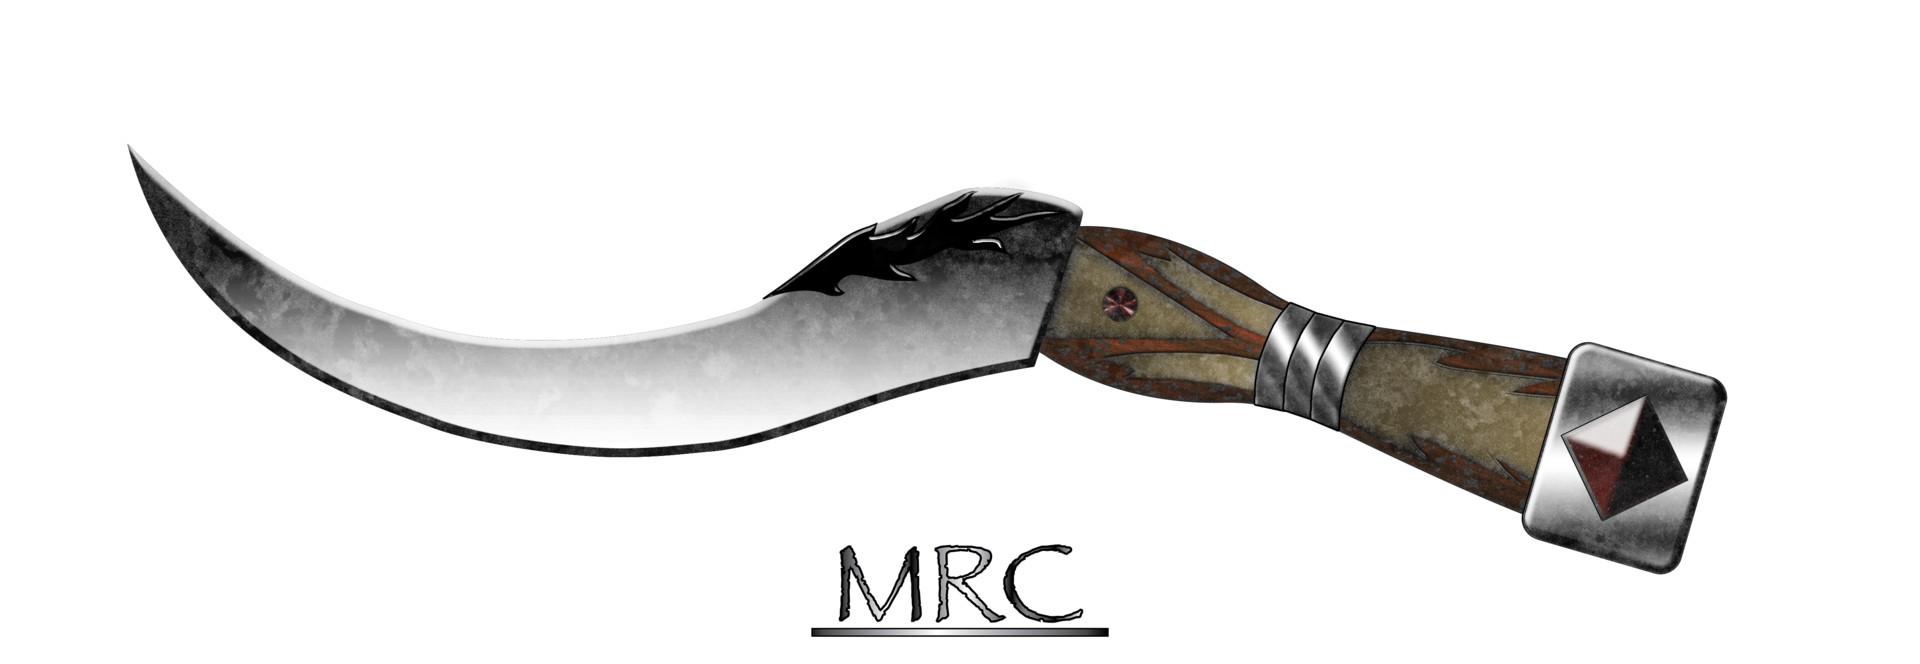 Mckenna crozier dagger4artstation